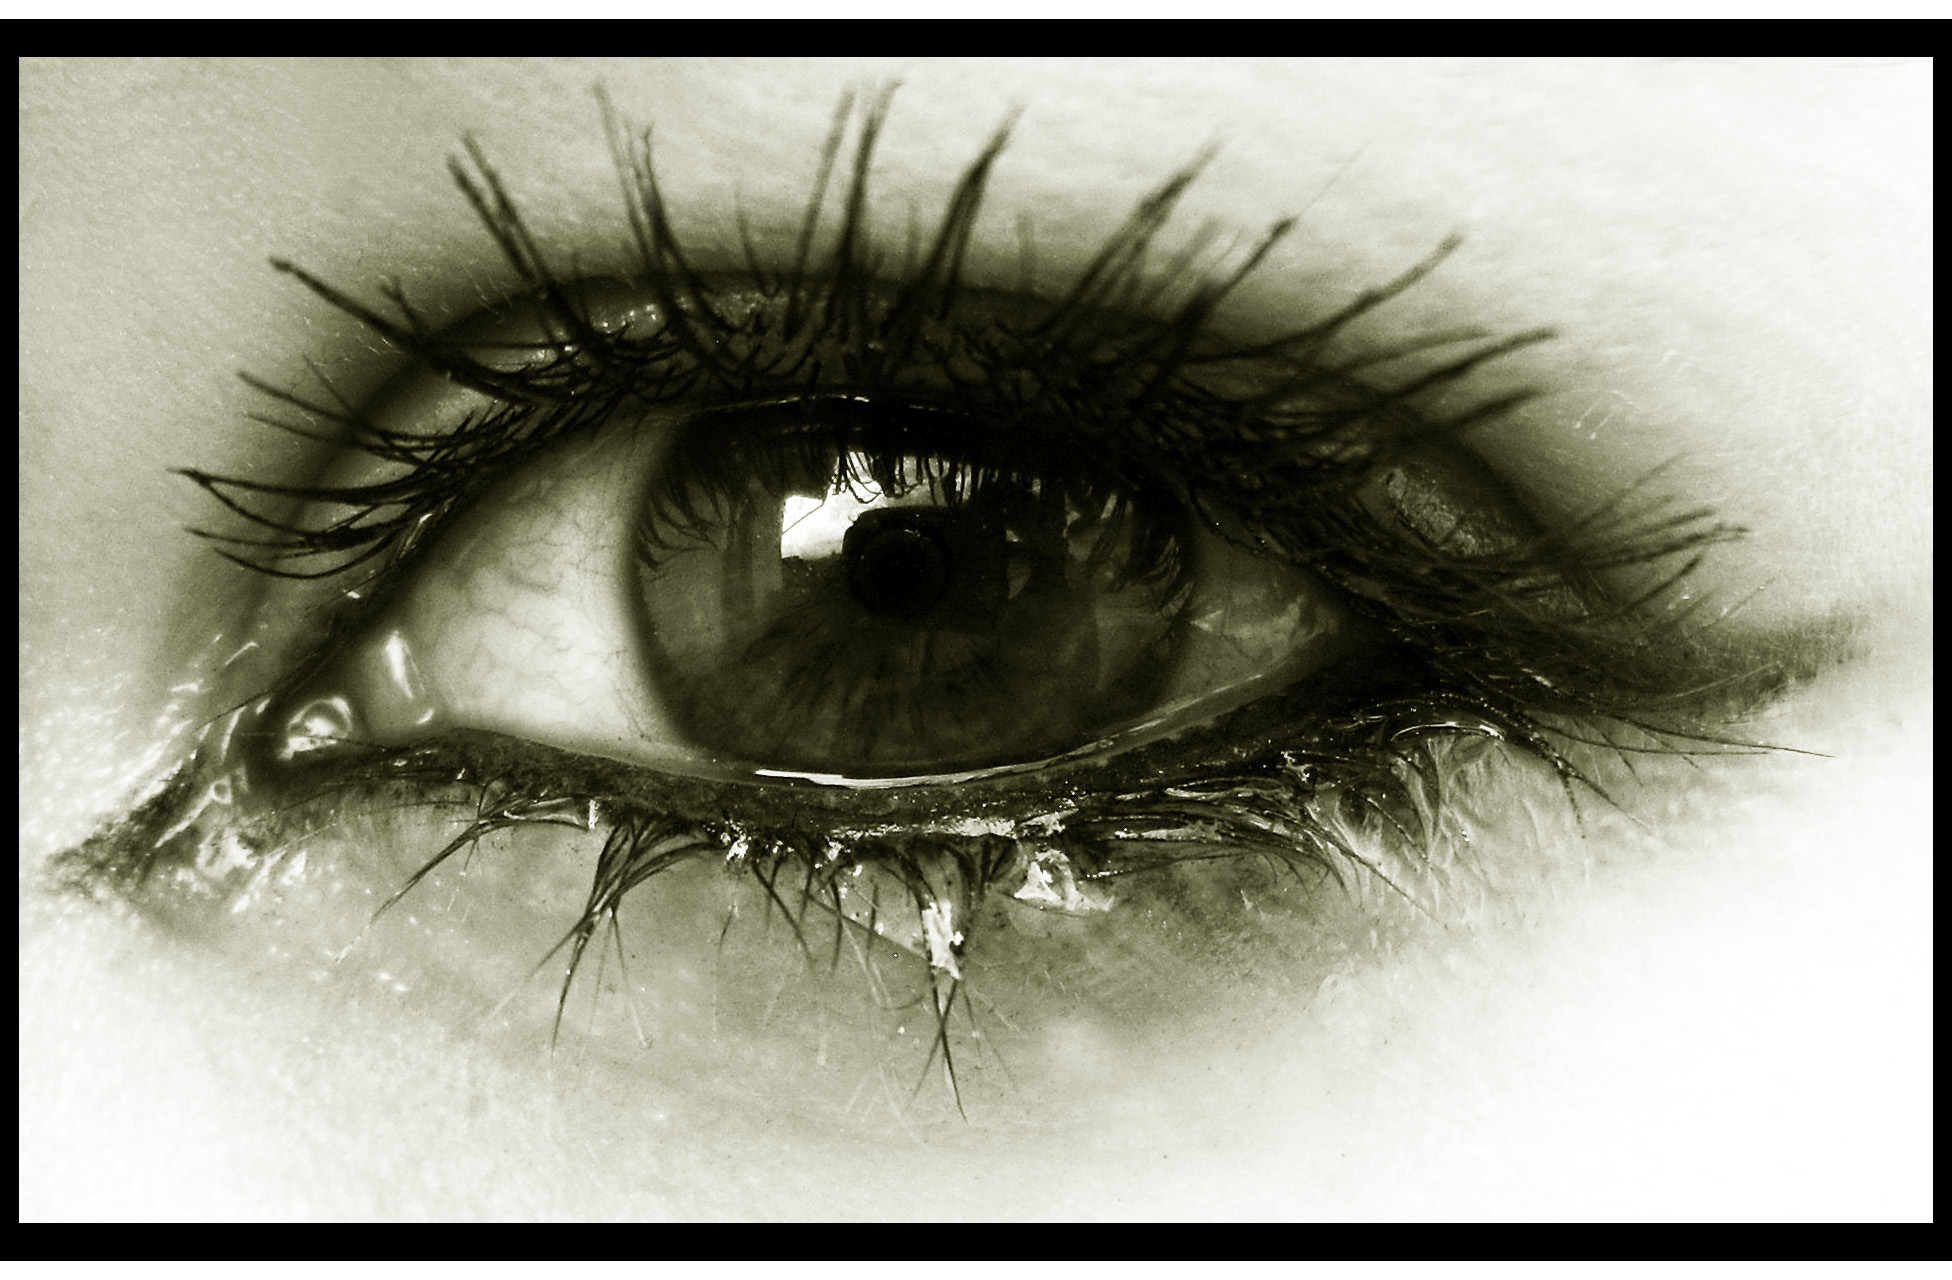 بالصور صور عيون حزينه , صور عين تبكي 5082